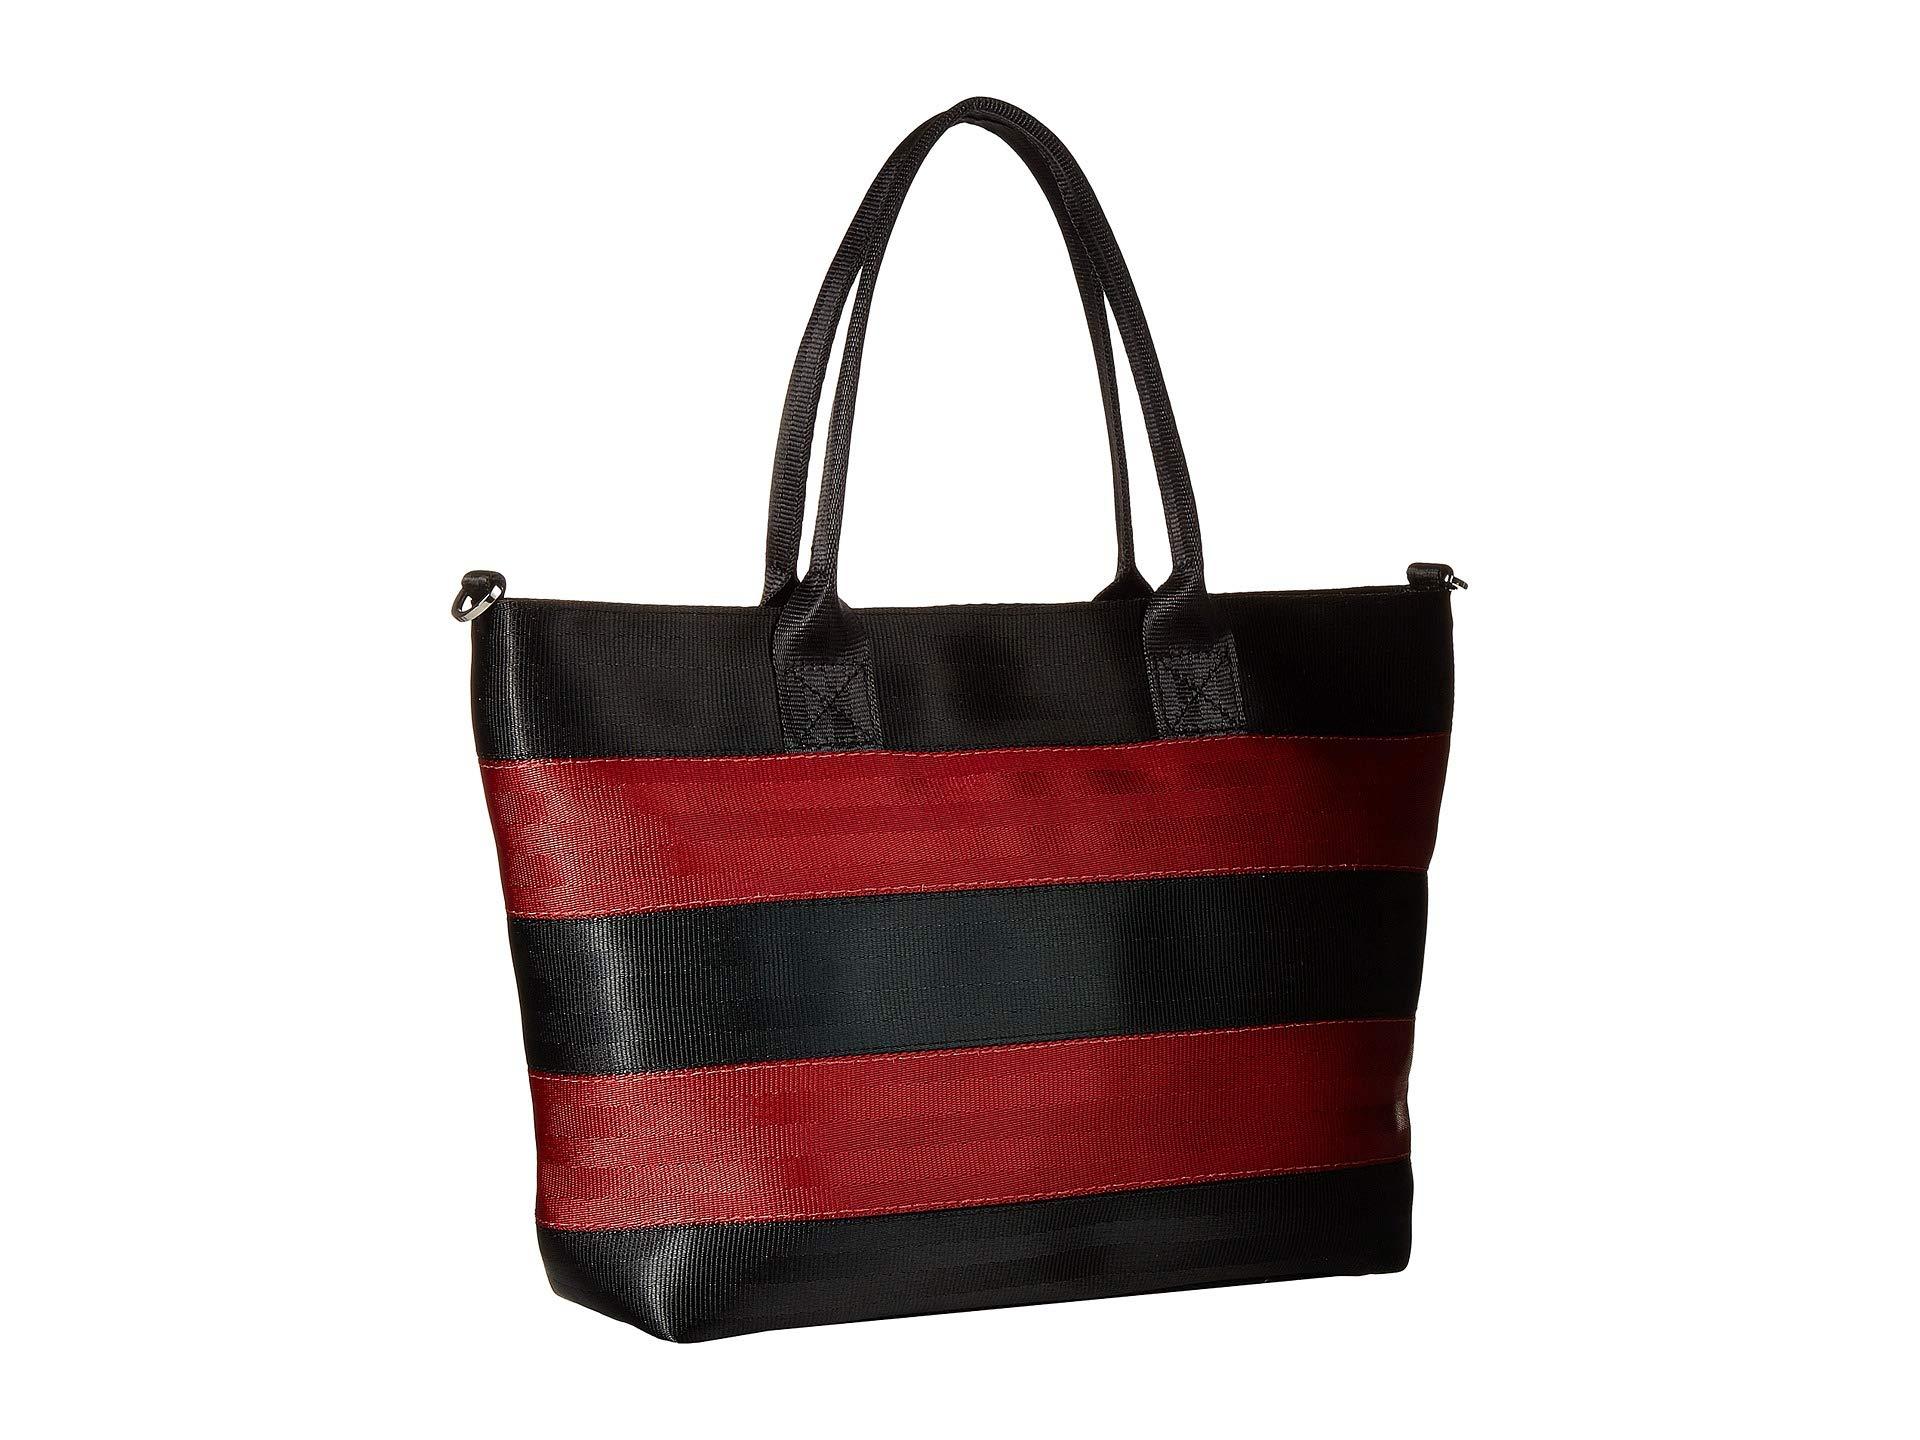 Tote Red Seatbelt Mini Bag Dragon Harveys Streamline 1nOaAxw1q